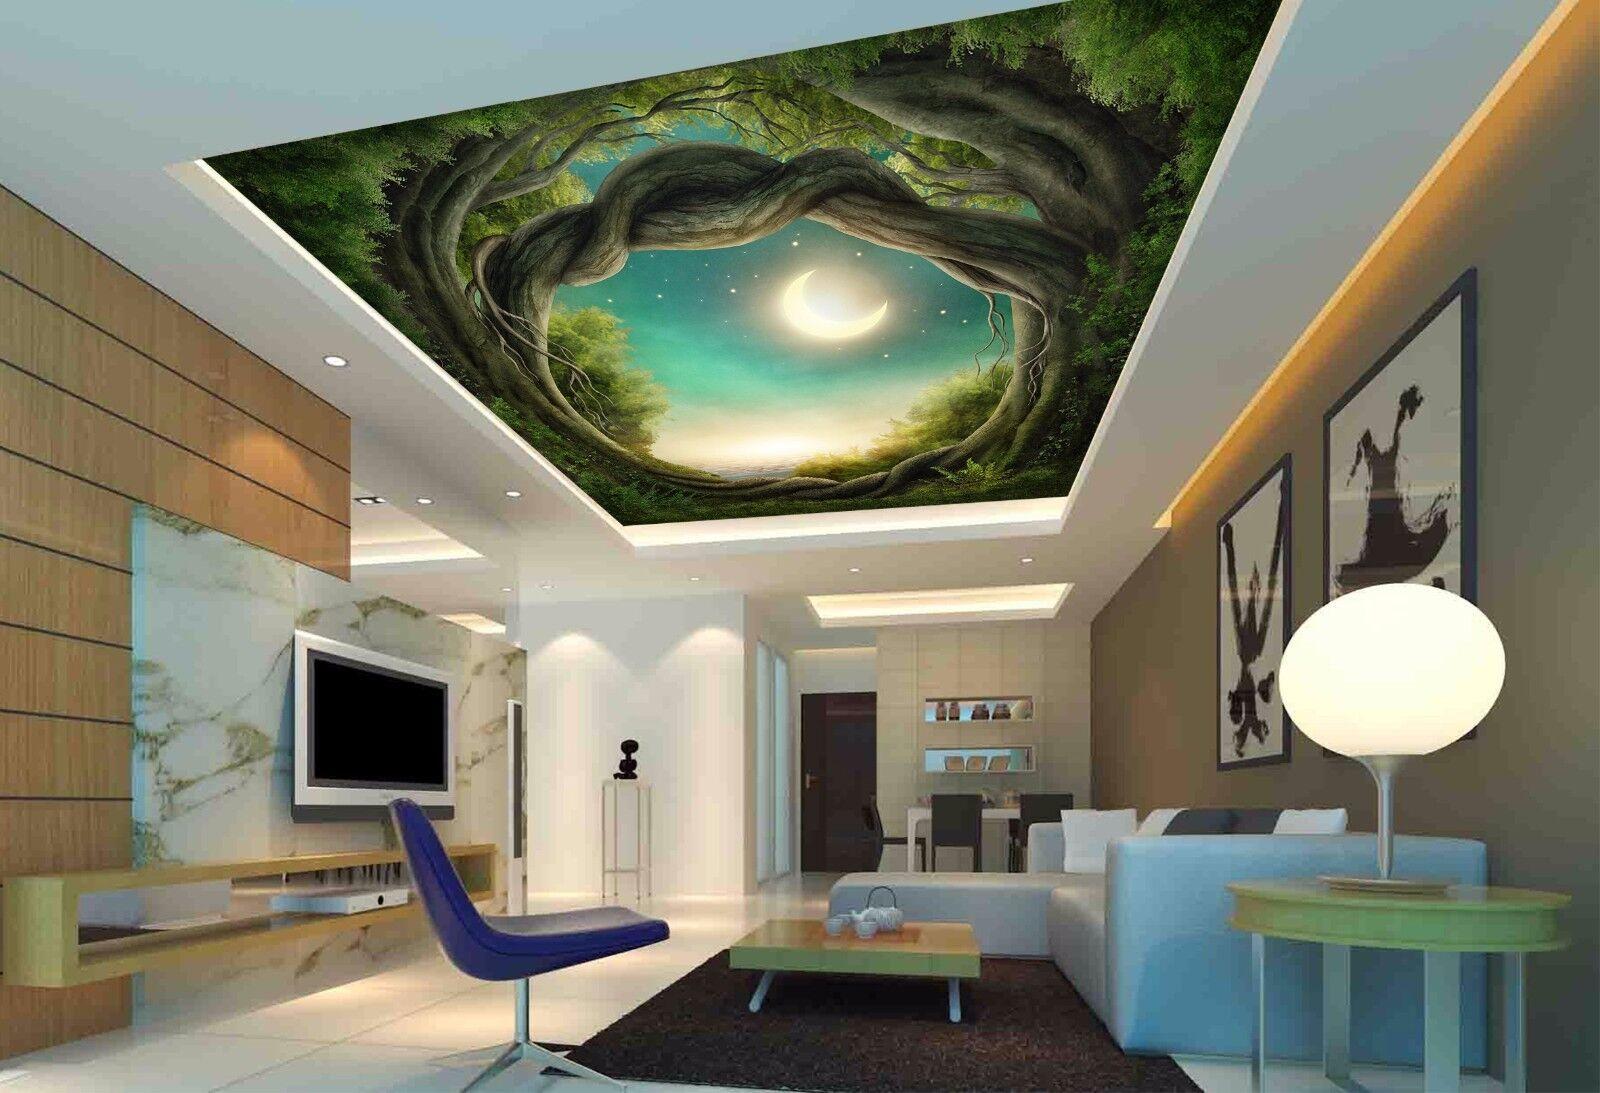 3D Tree Cave Moon 83 Ceiling WallPaper Murals Wall Print Decal Deco AJ WALLPAPER